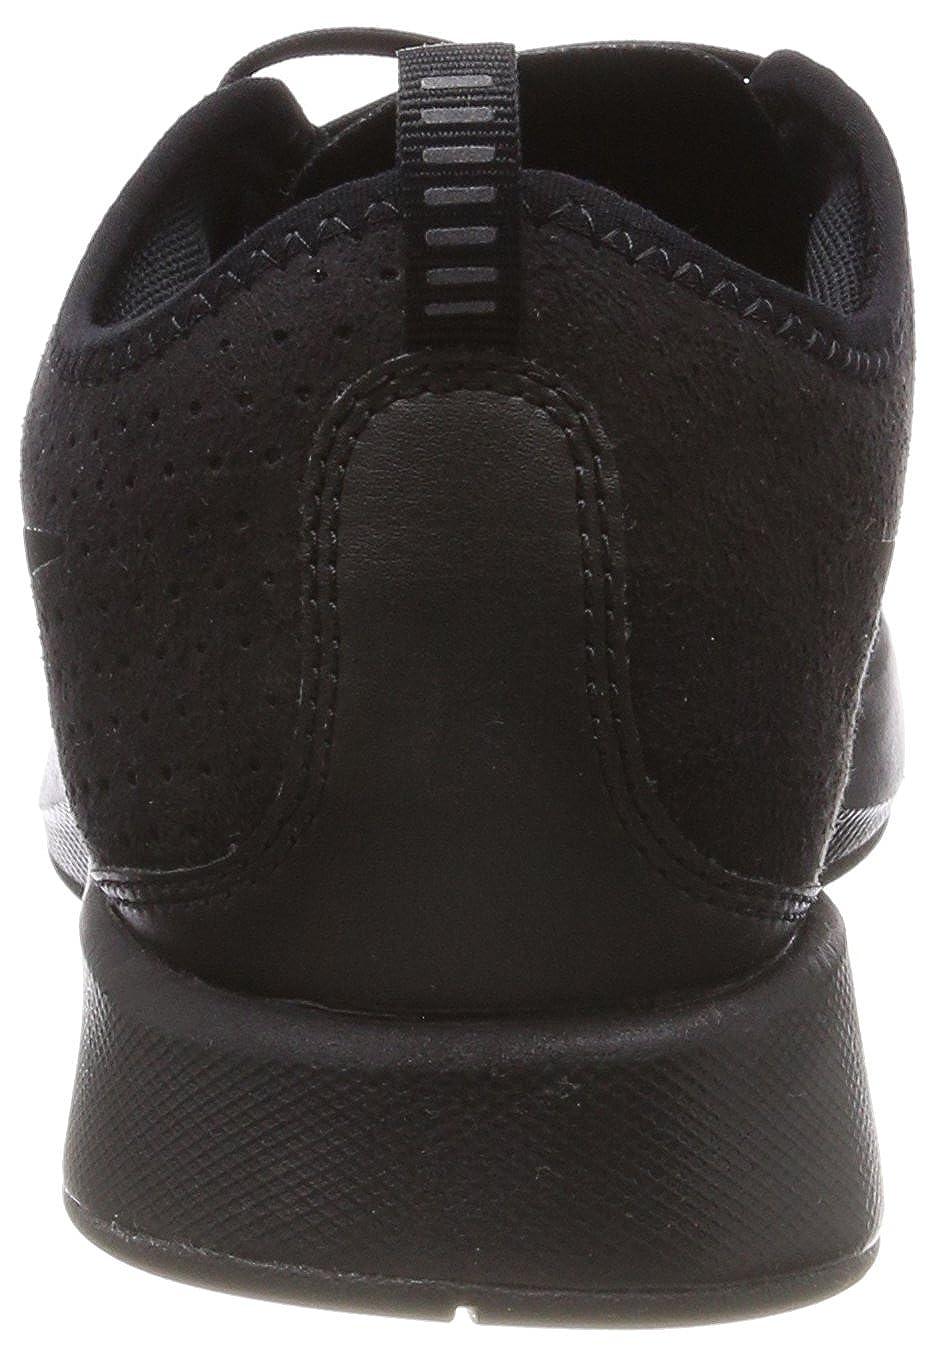 Nike Herren Herren Herren Dualtone Racer PRM Gymnastikschuhe schwarz MultiFarbee schwarz 004 740a23